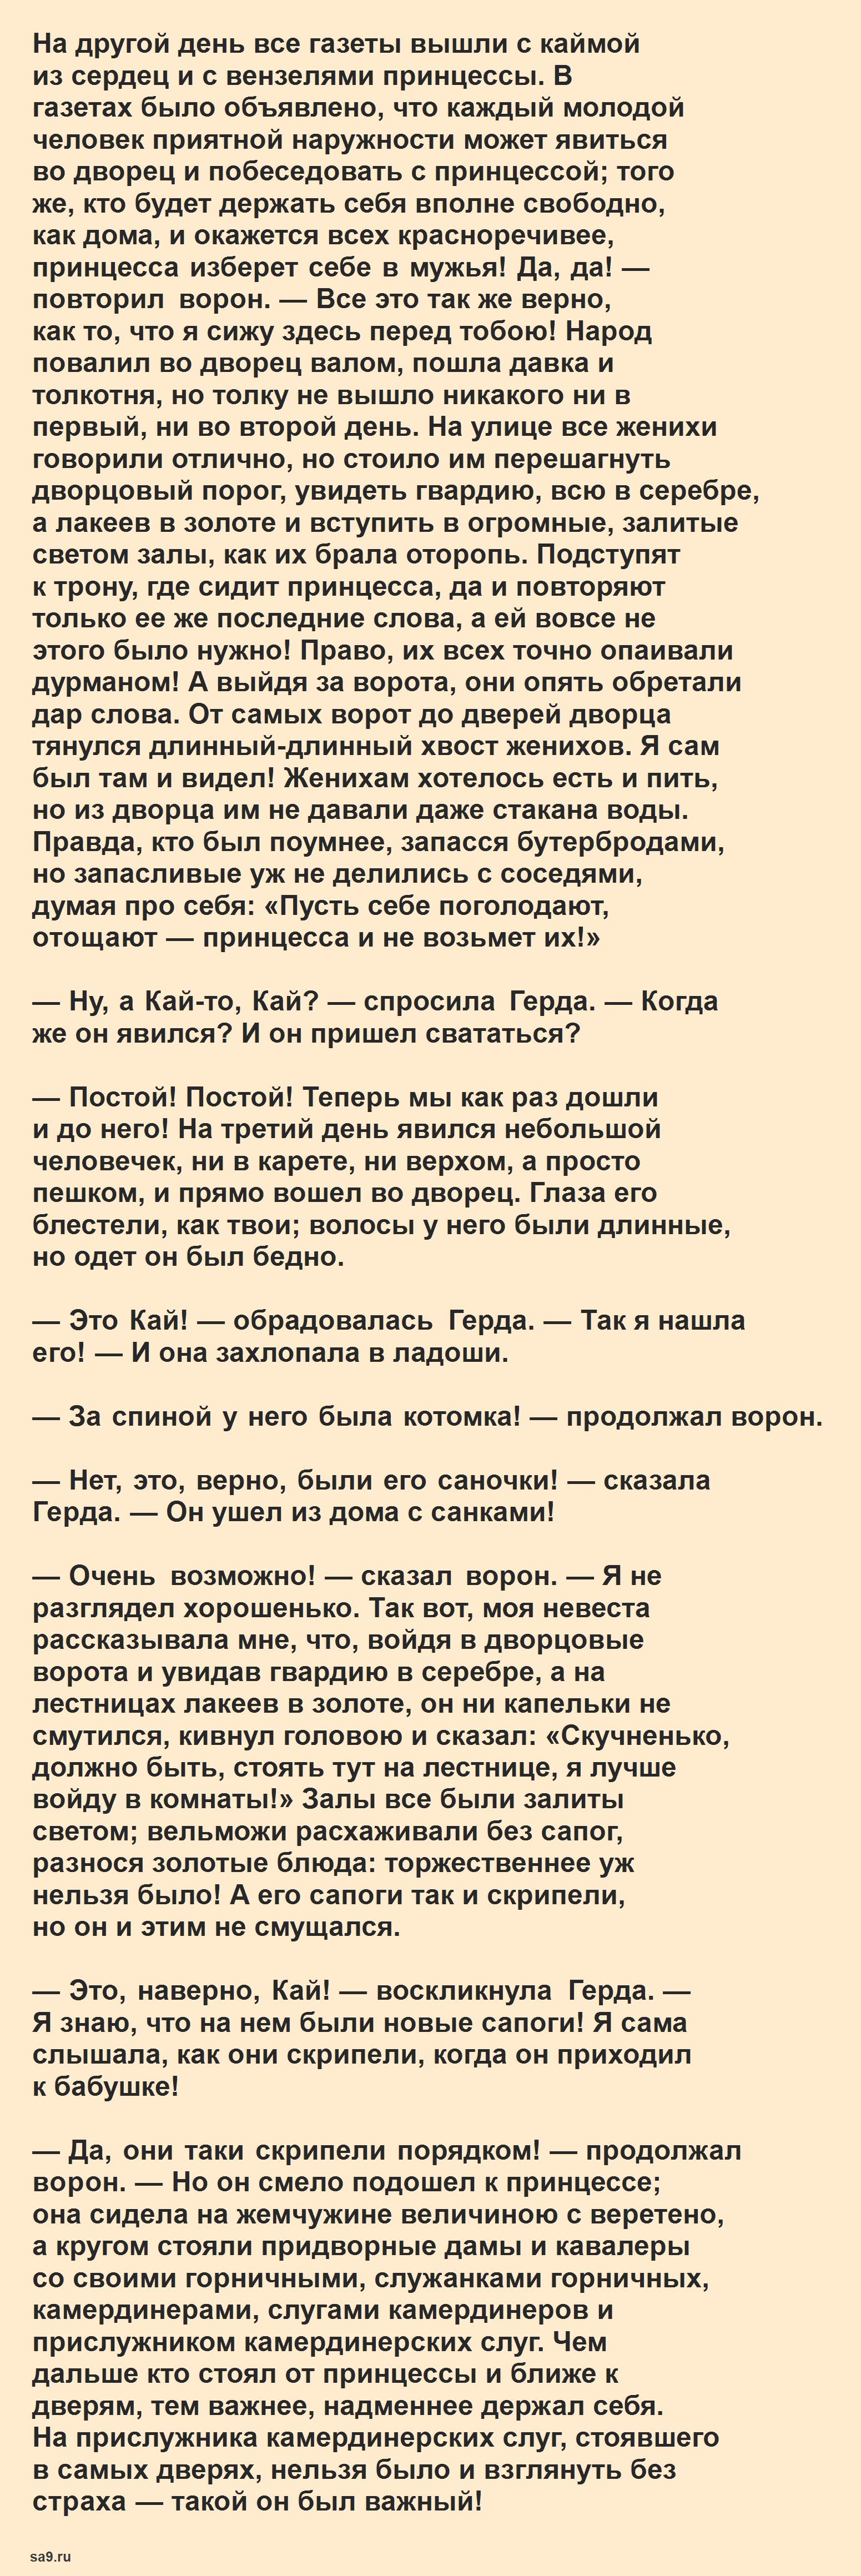 Читаем интересную сказку Андерсена для детей - Снежная королева